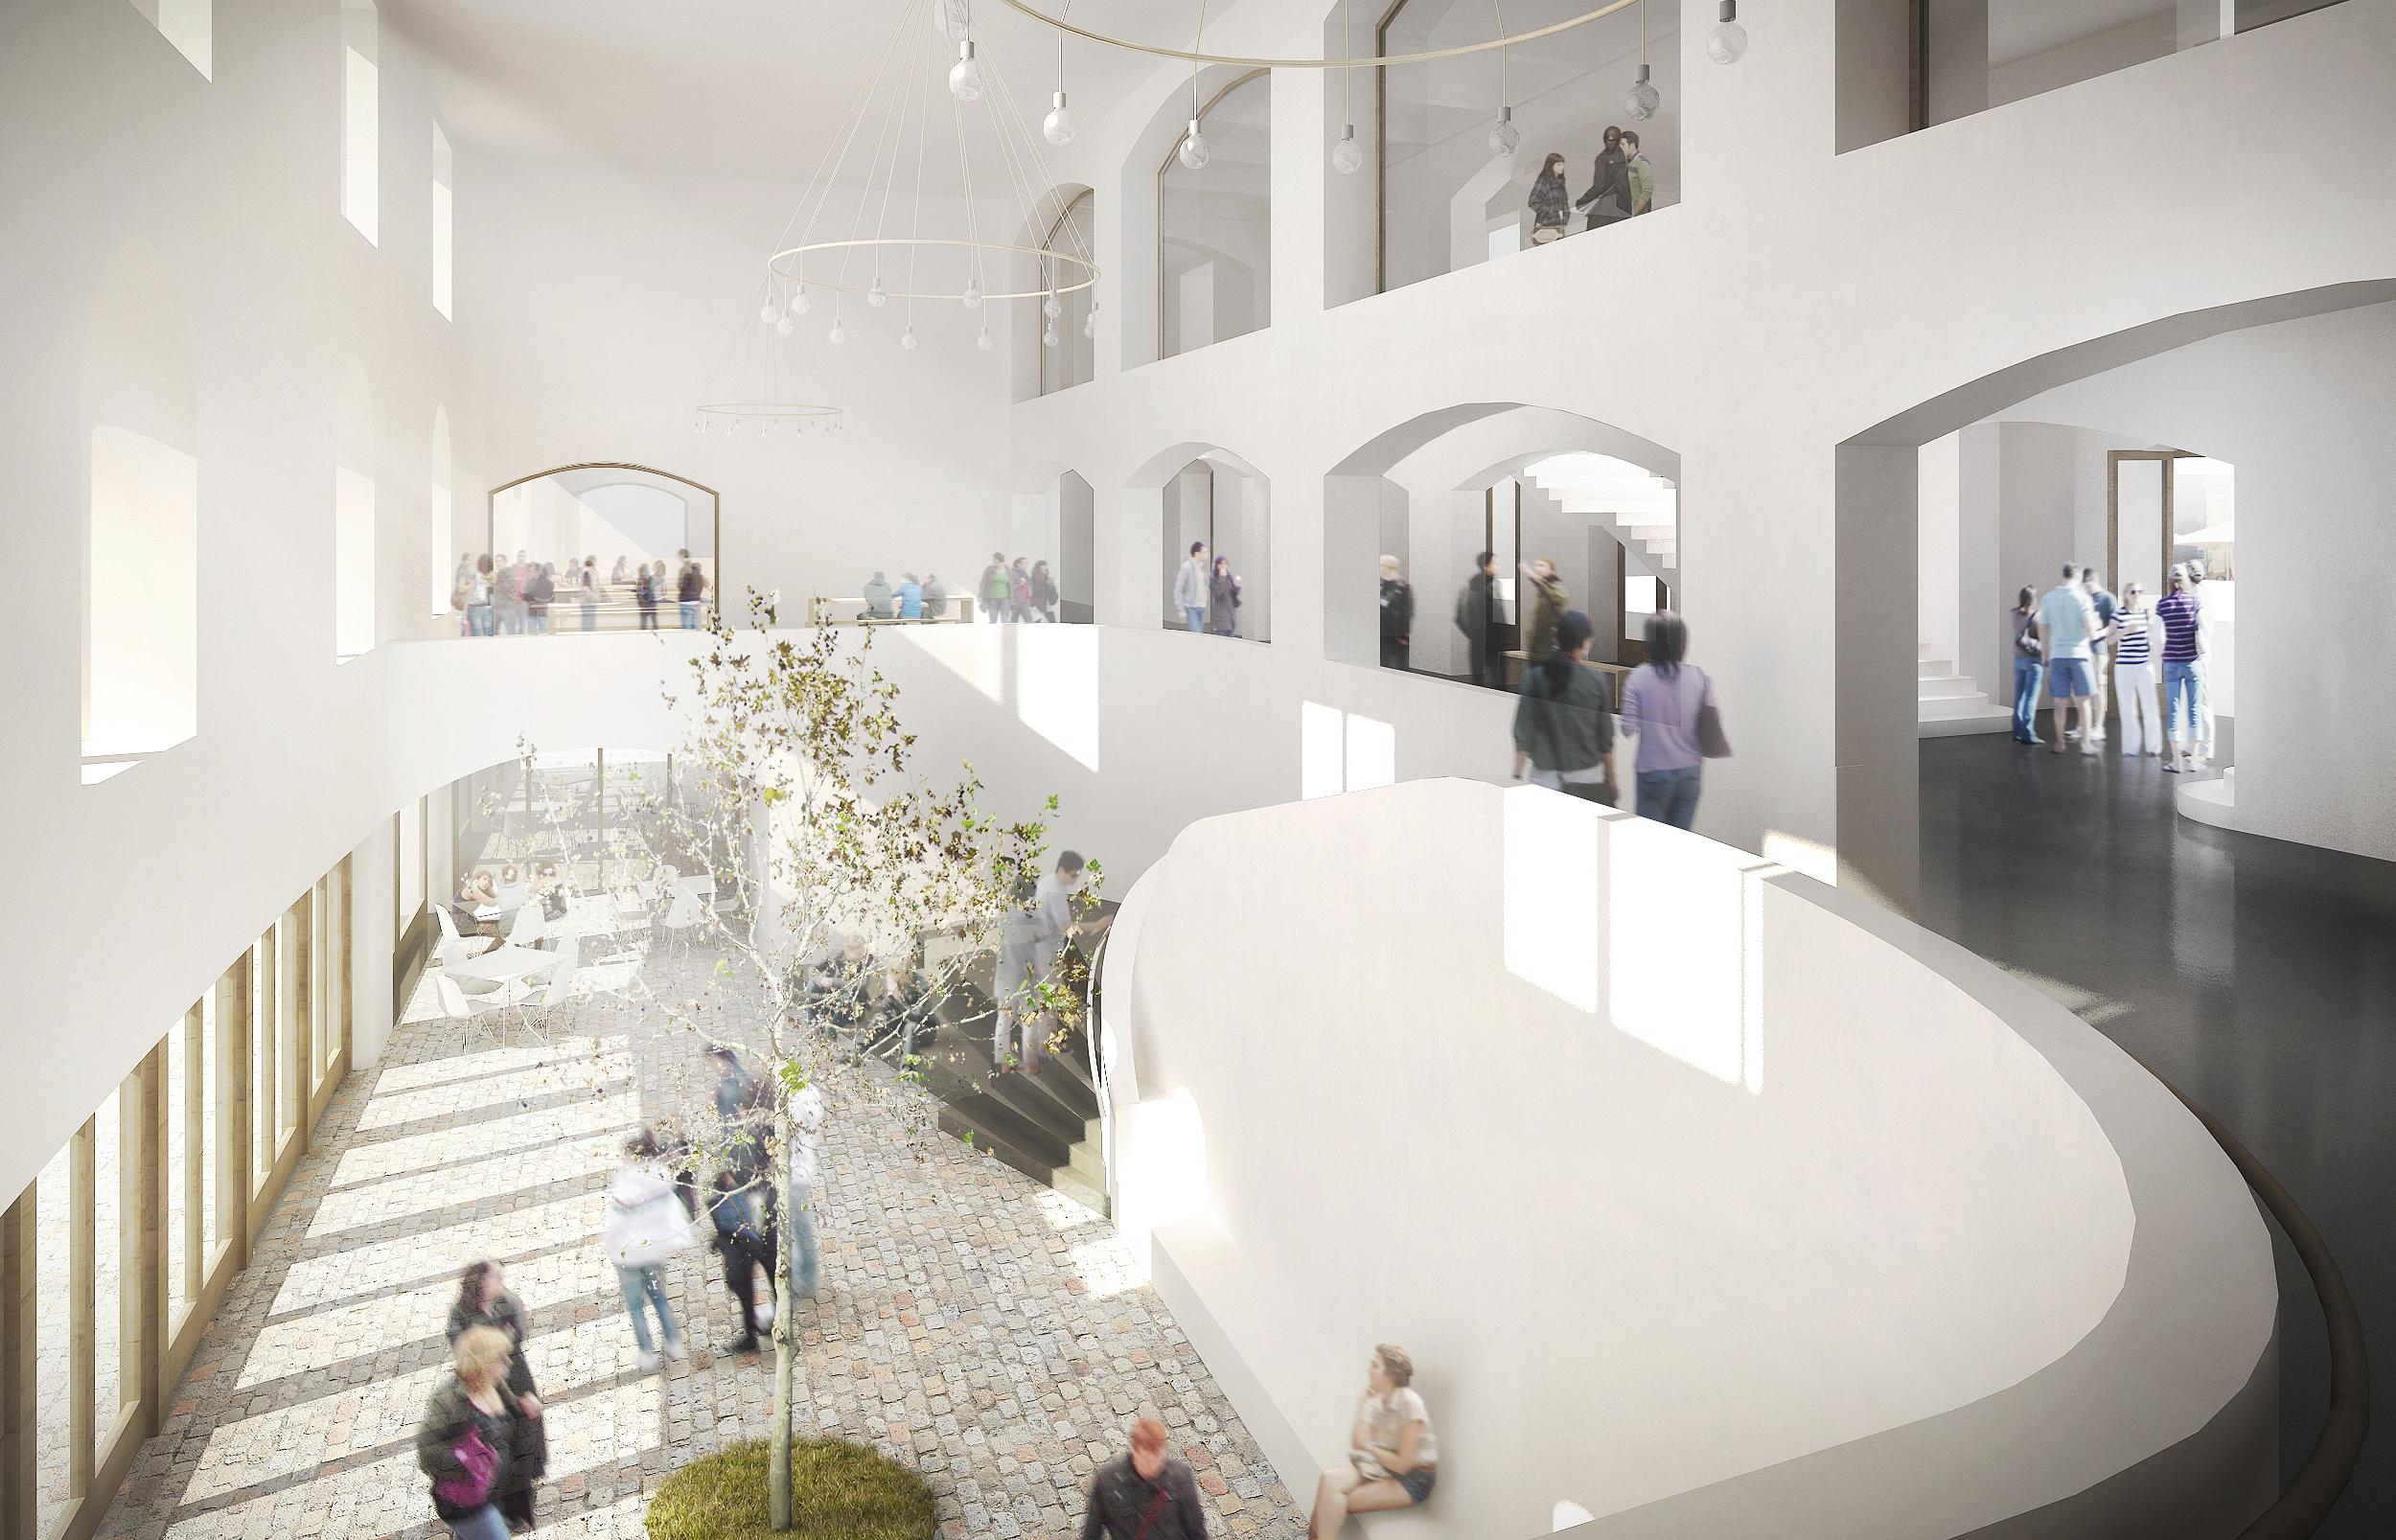 Der Kasernen-Hauptbau als öffentlicher Raum: Visualisierung des Durchgangsfoyers im Umbauprojekt von Focketyn del Rio.